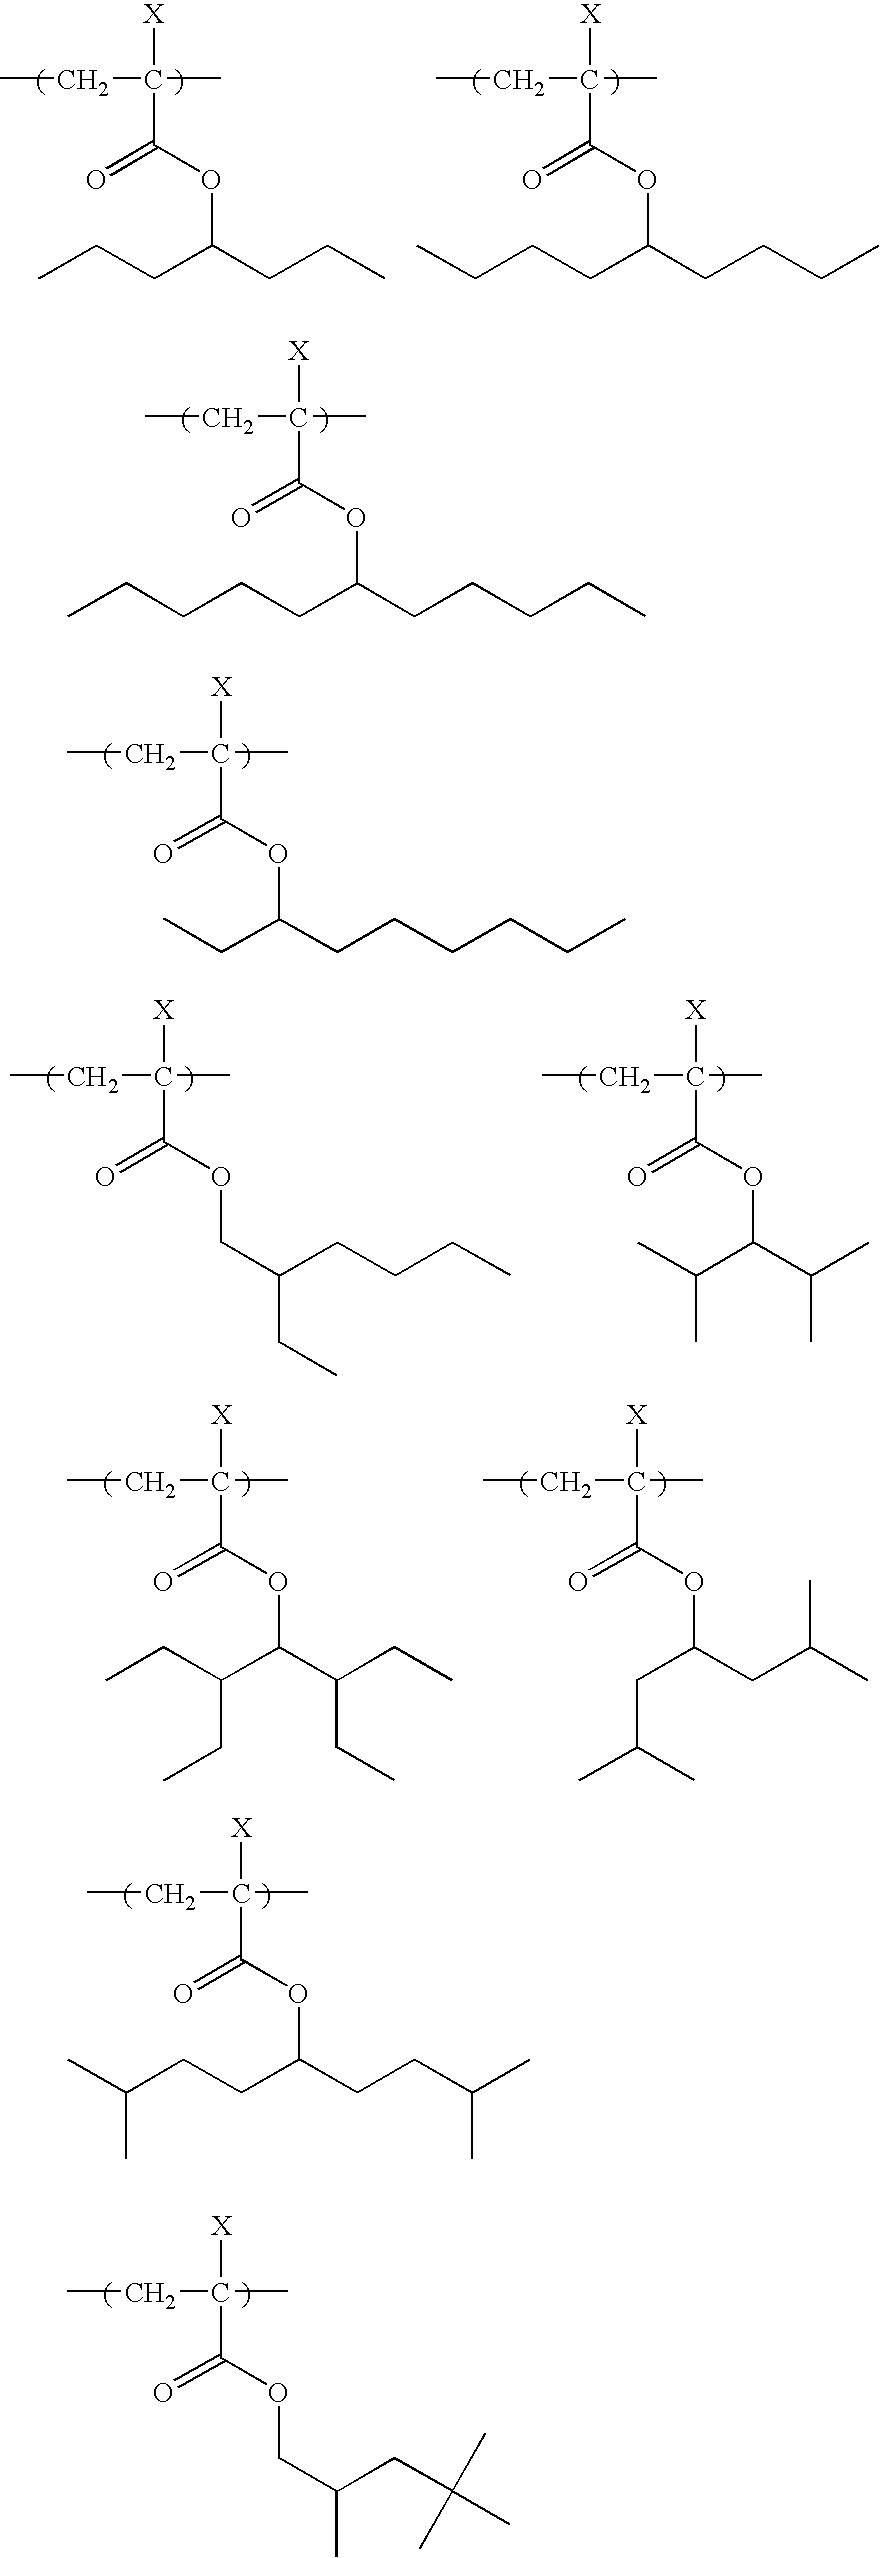 Figure US07985534-20110726-C00072